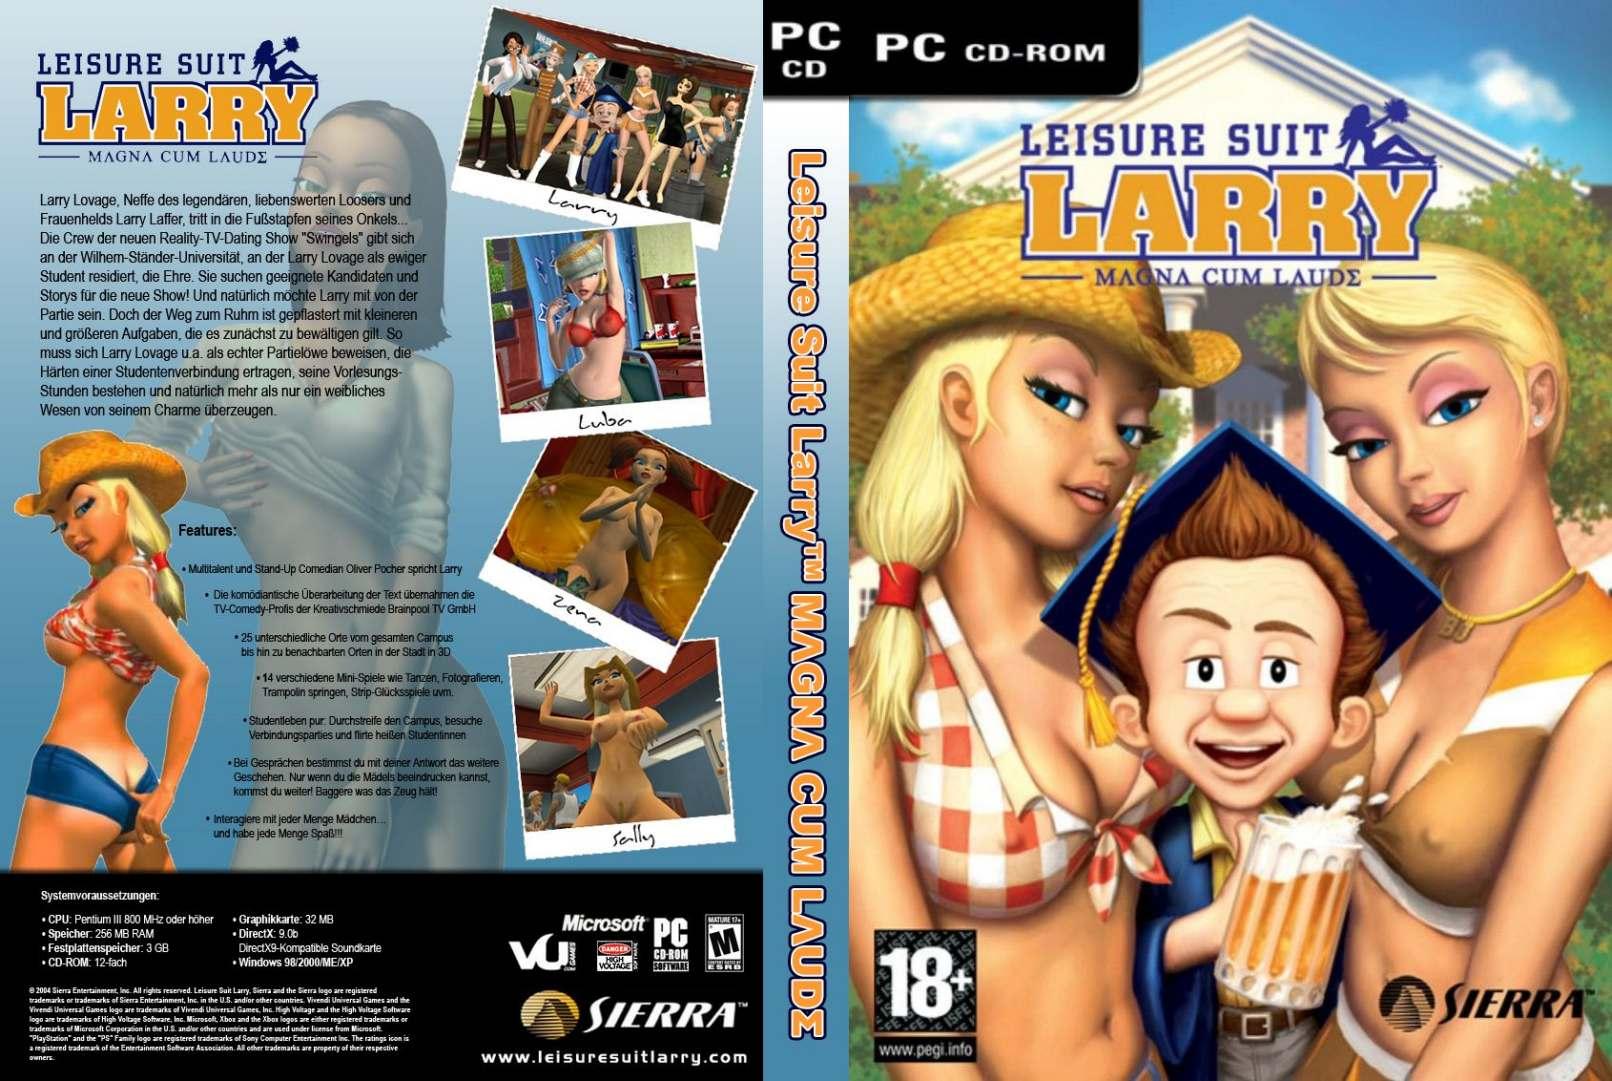 Leisure suit larry porn porn photo